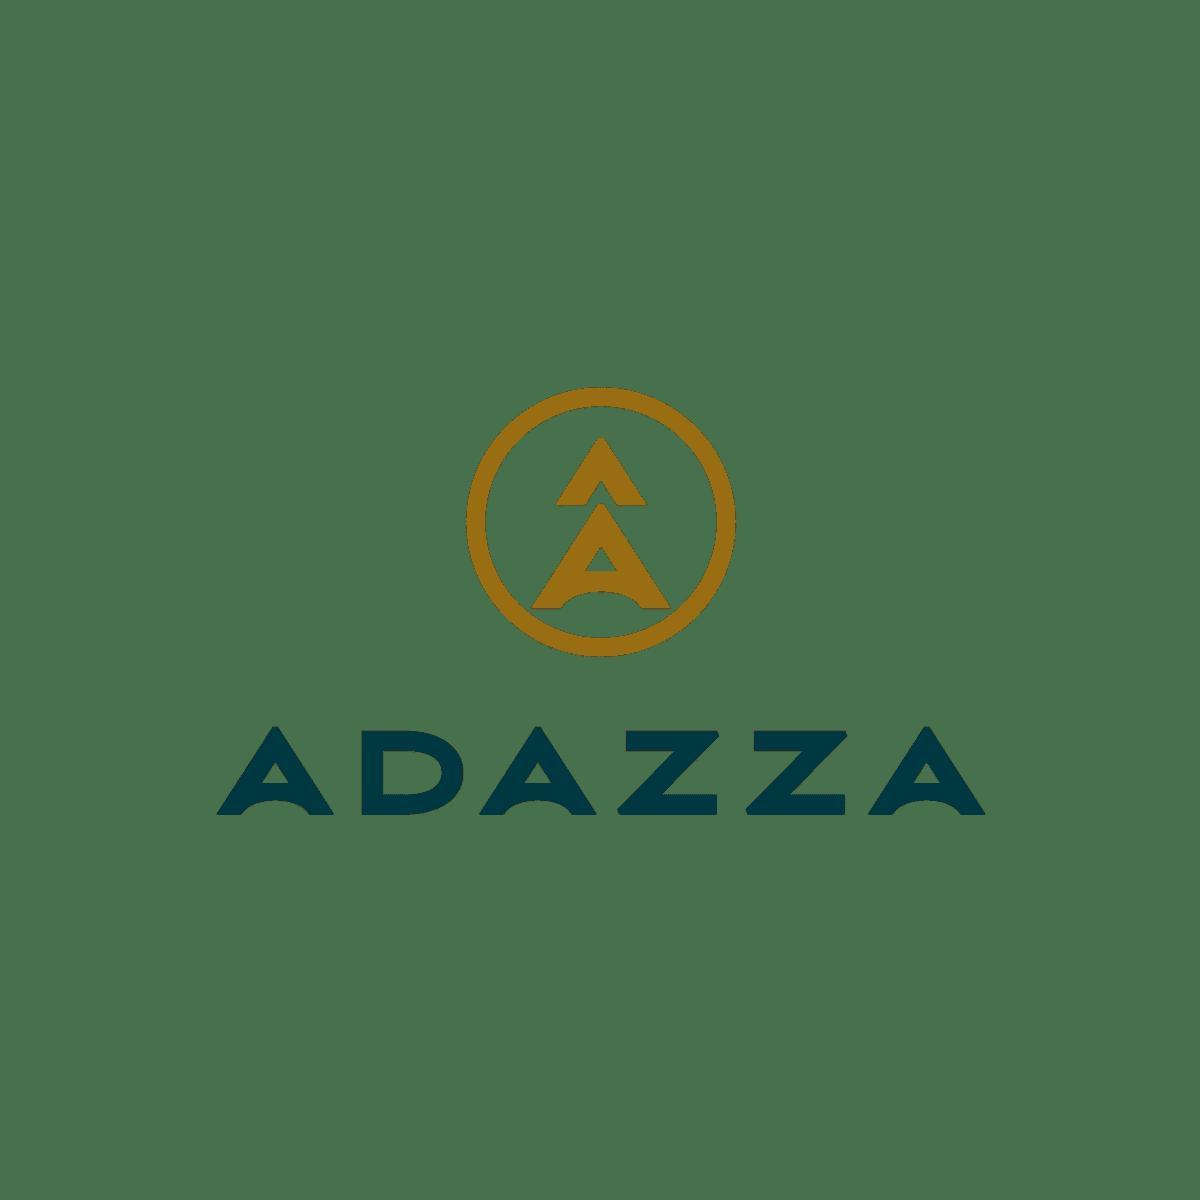 Adazza